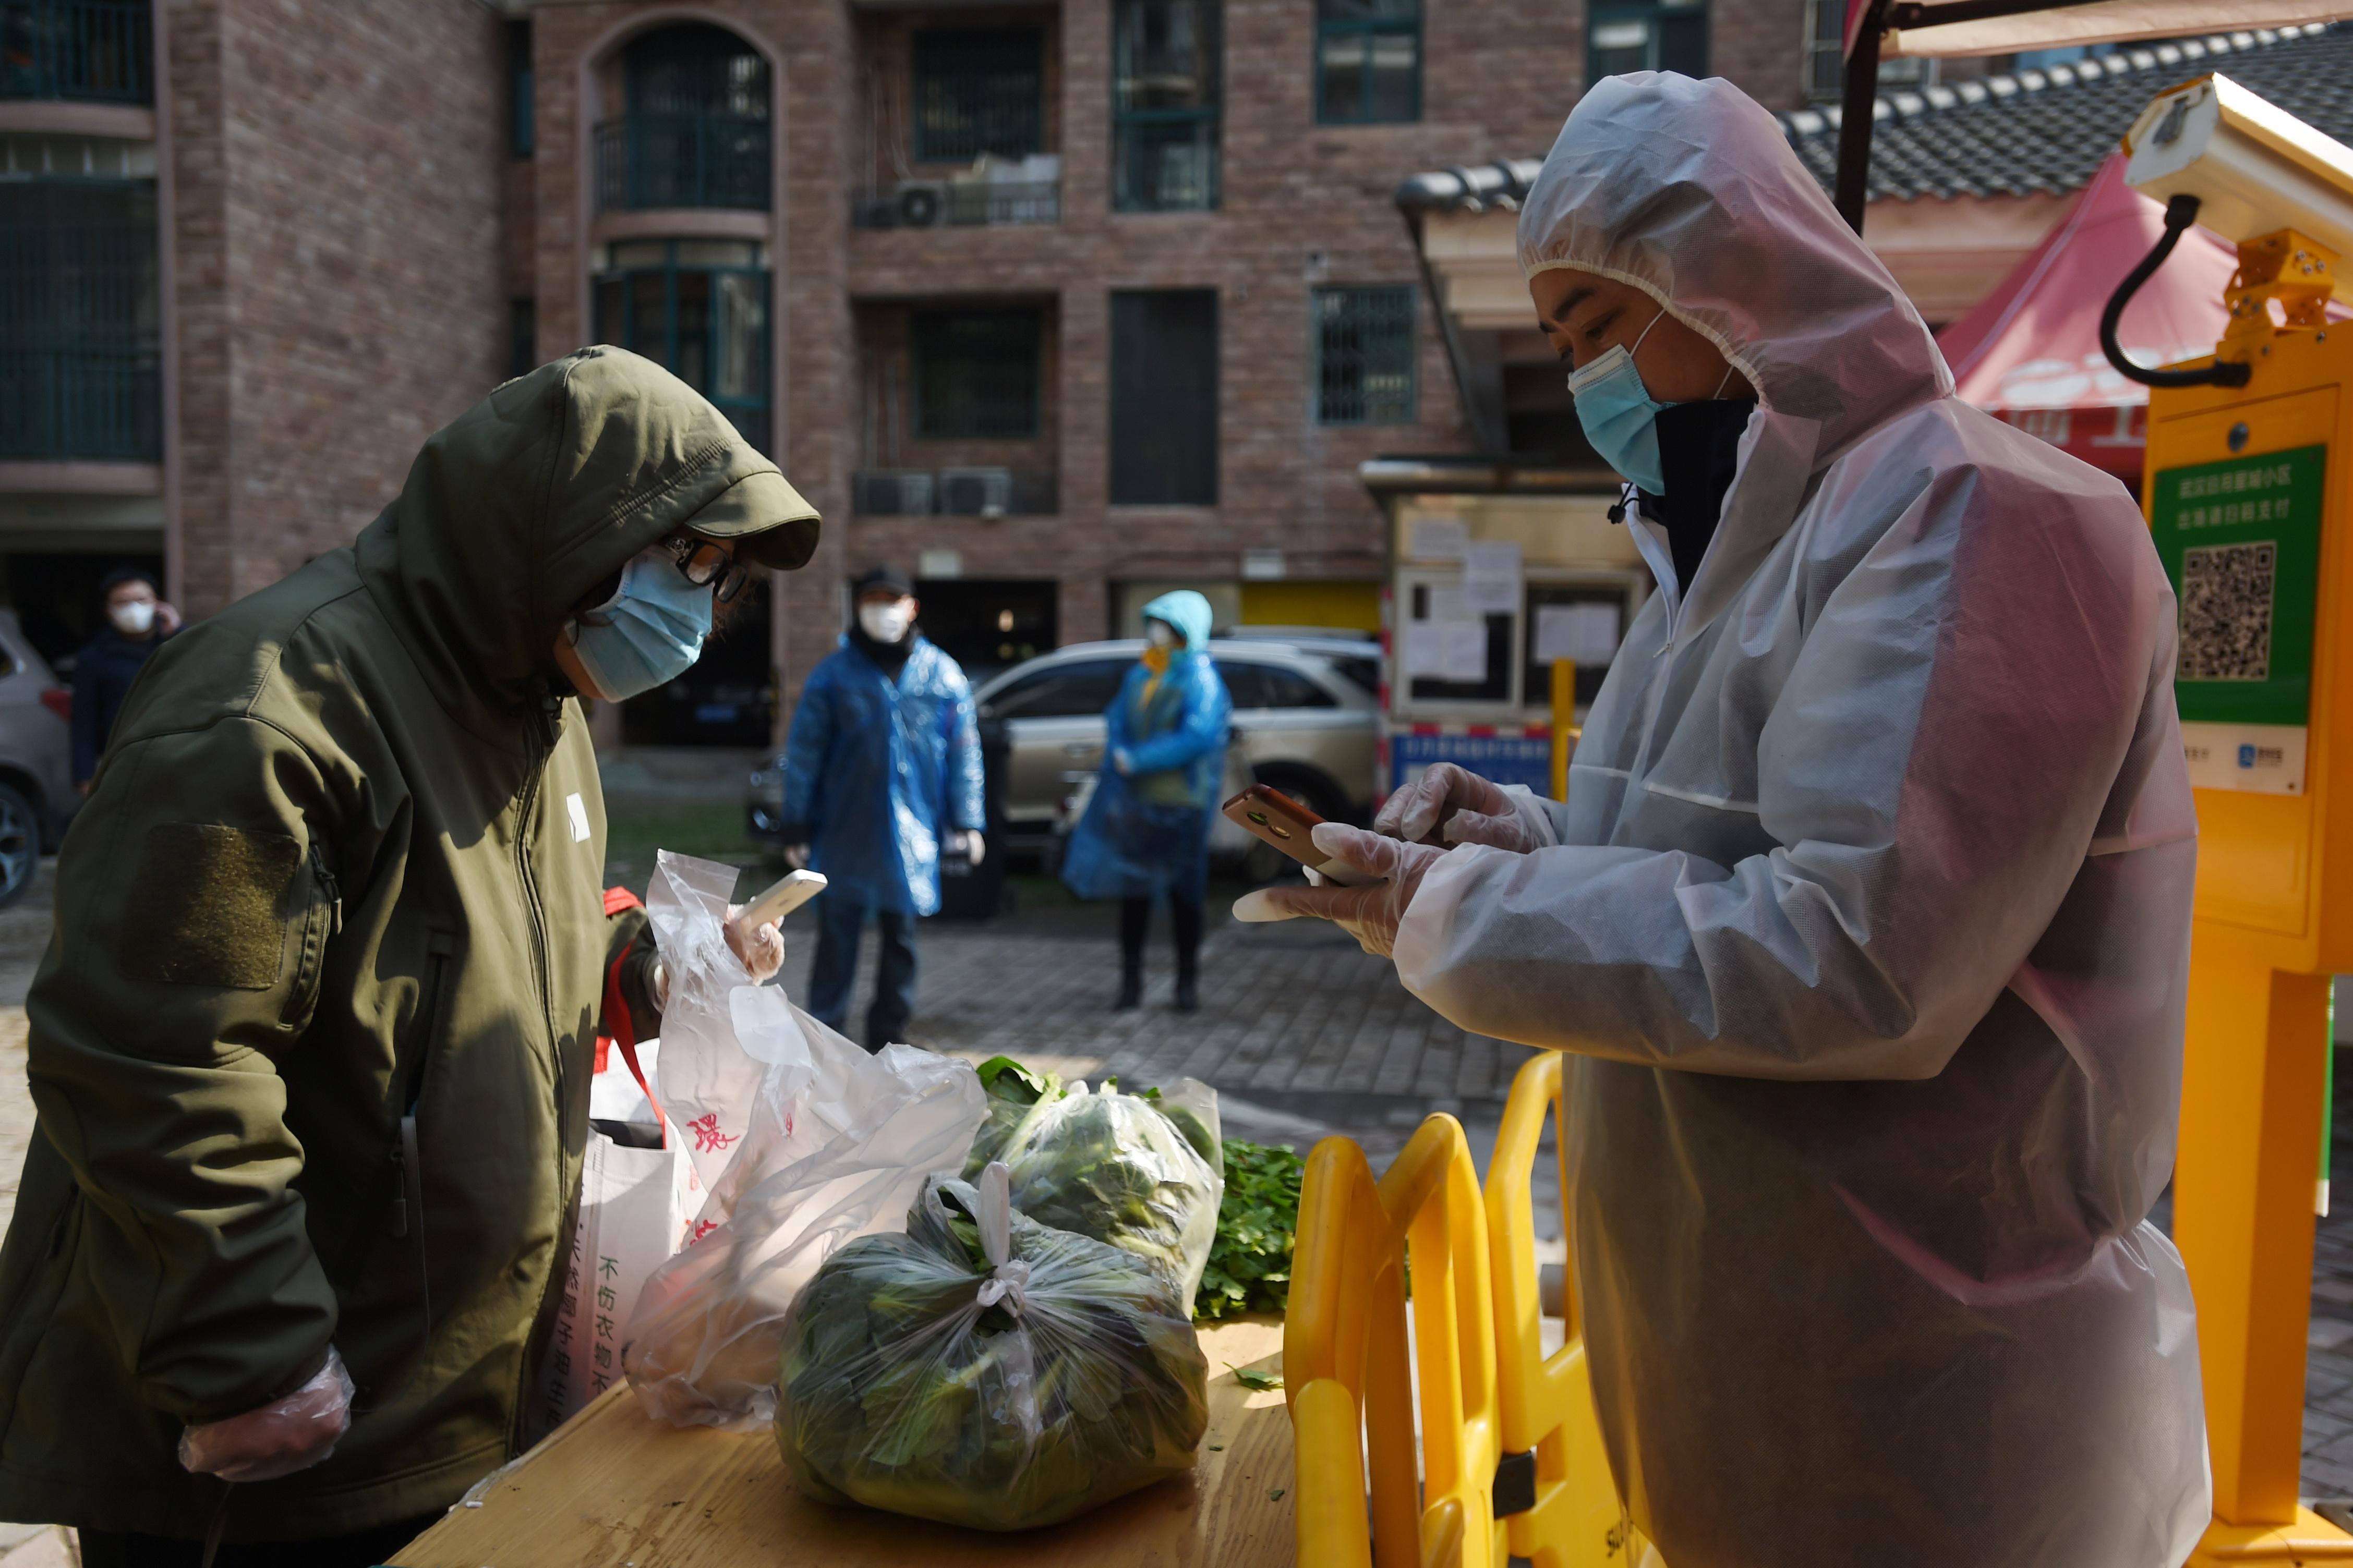 Le coronavirus s'introduit dans les prisons chinoises alors que les marchés mondiaux et les entreprises américaines sont touchés